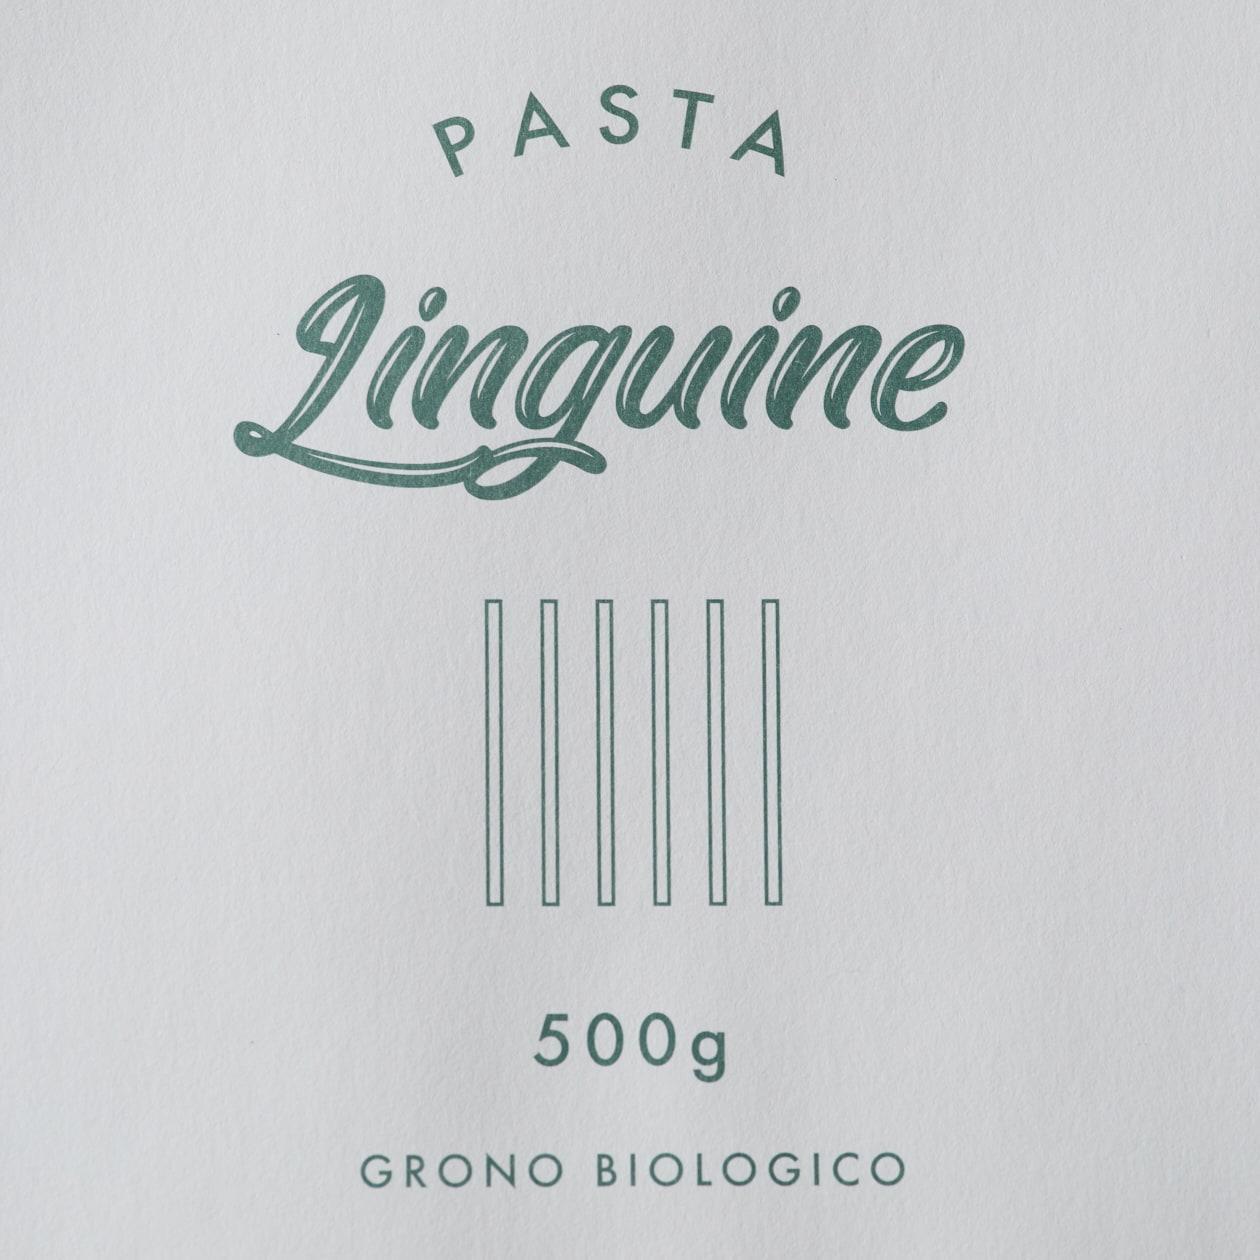 イタリアン食材店のパスタ袋